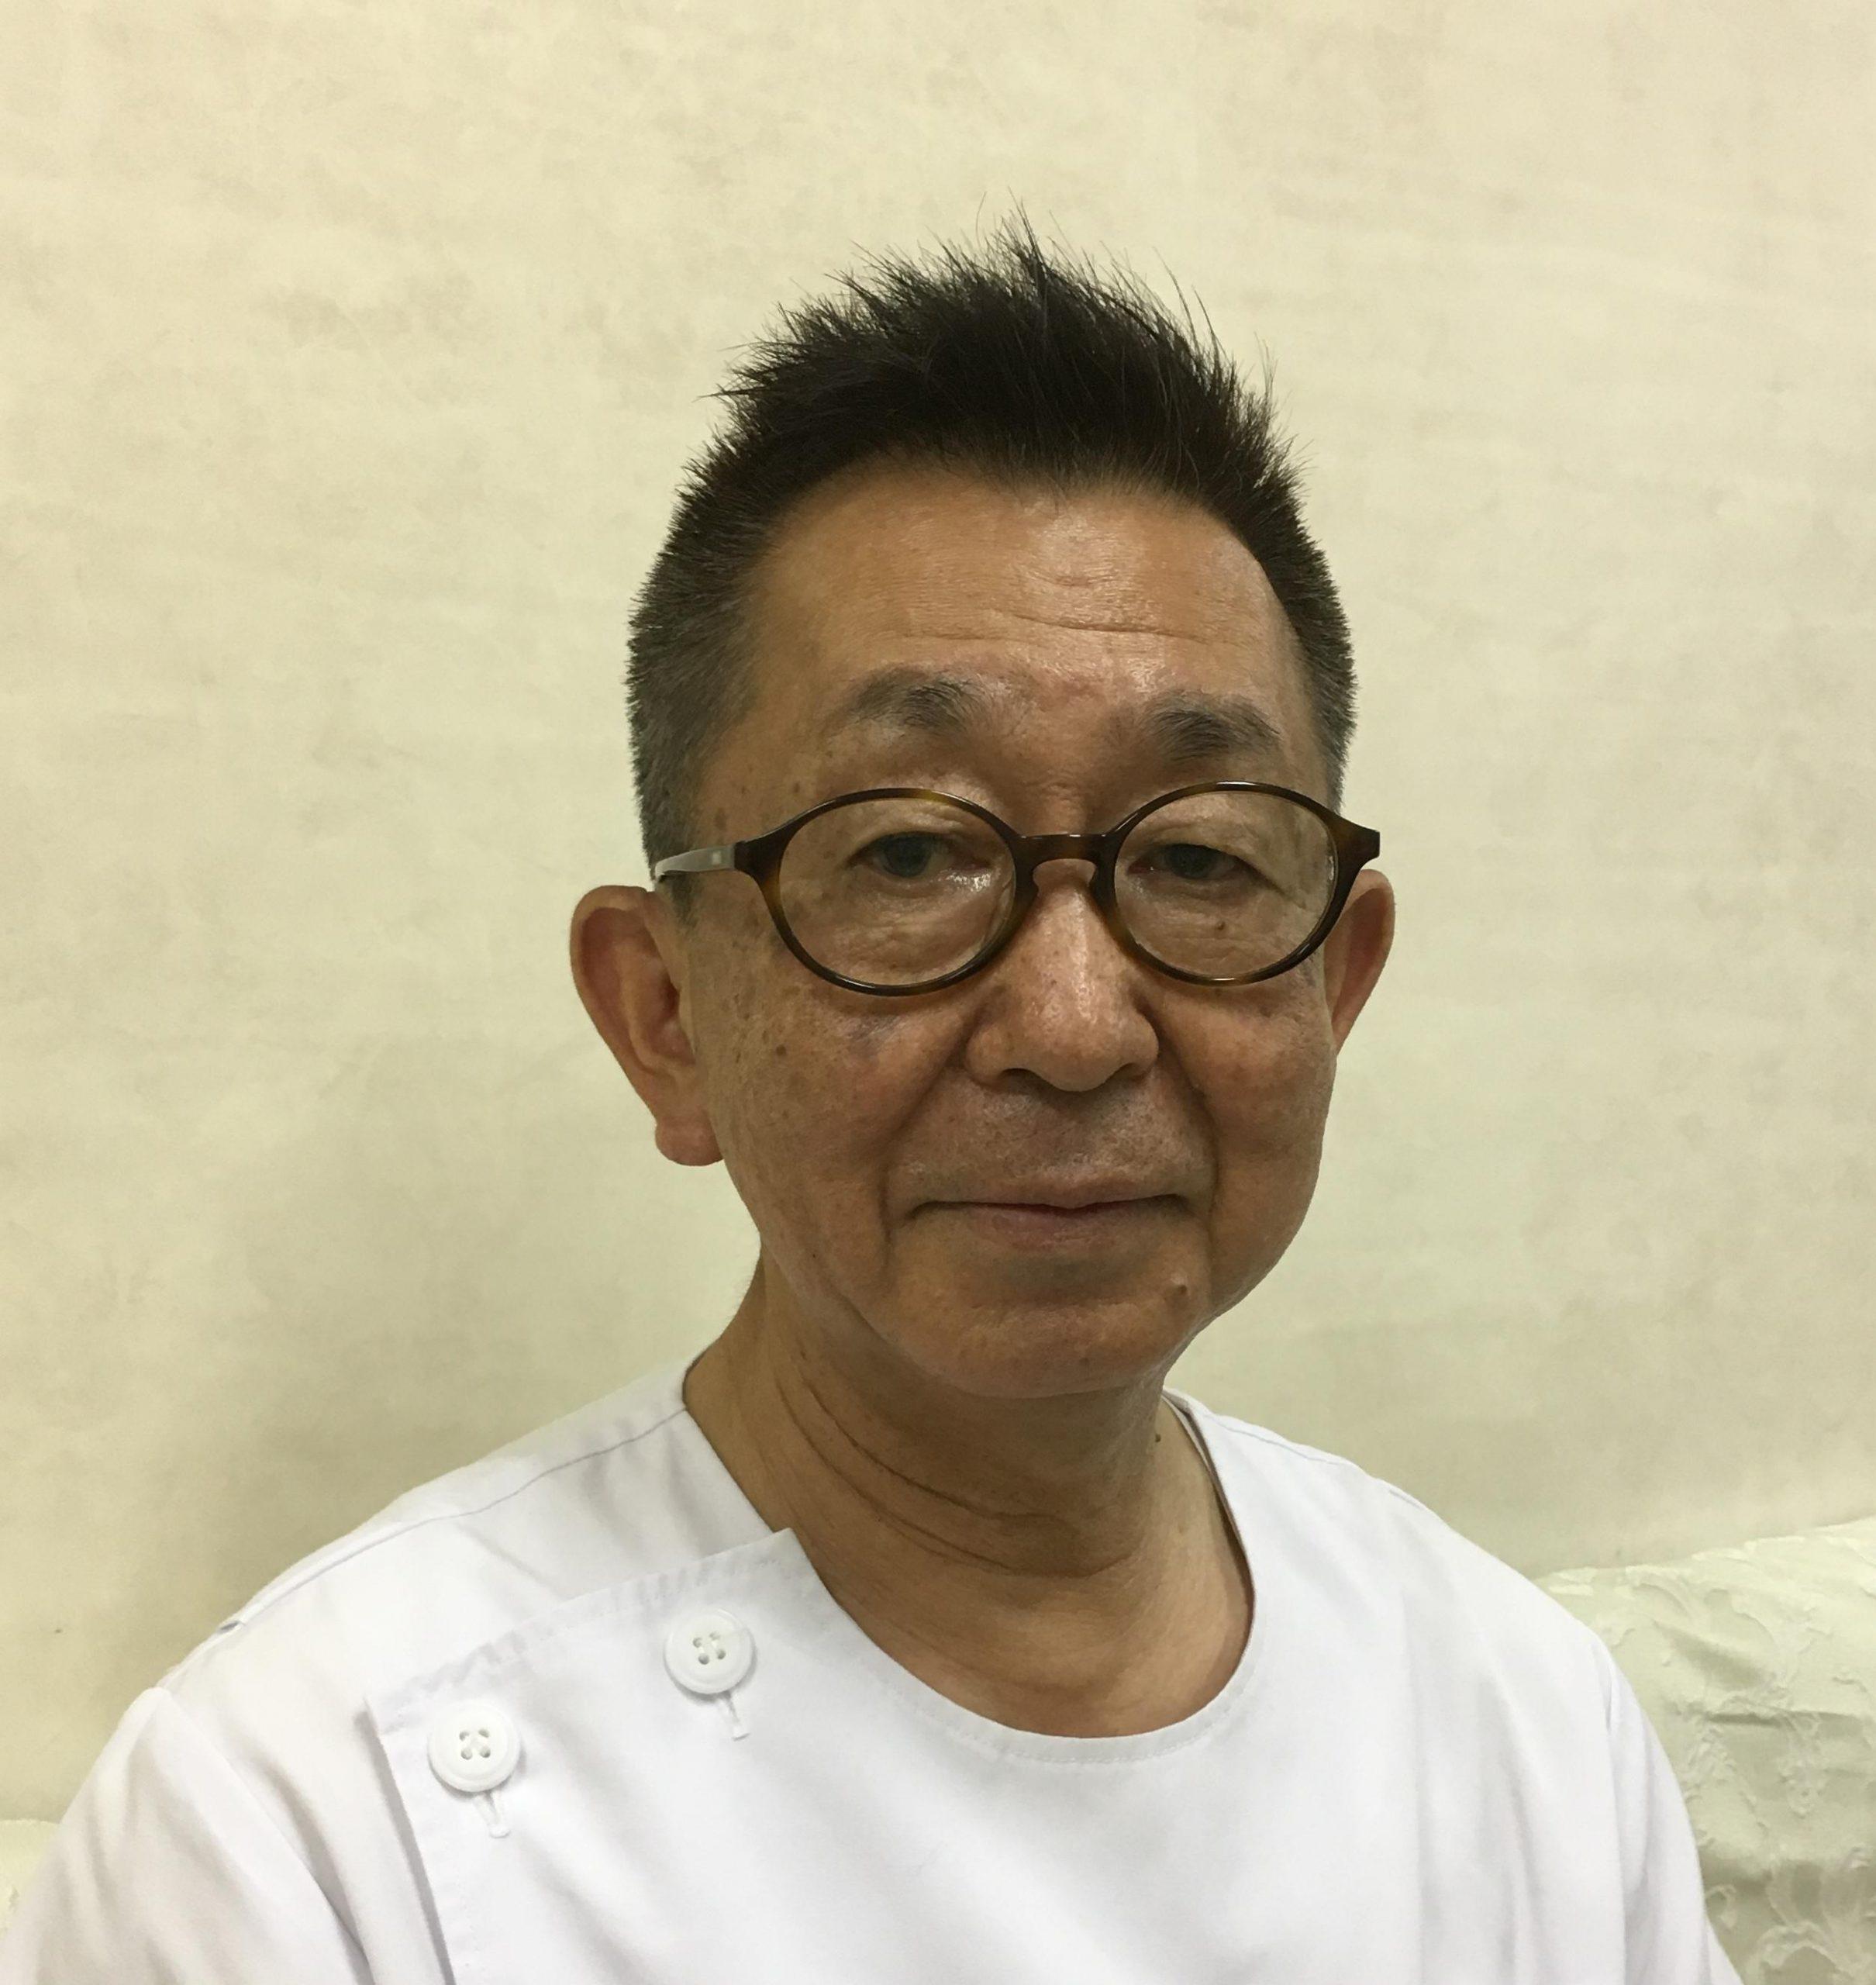 倉敷芸術科学大学客員教授 鍼メディカルうちだ院長 内田輝和